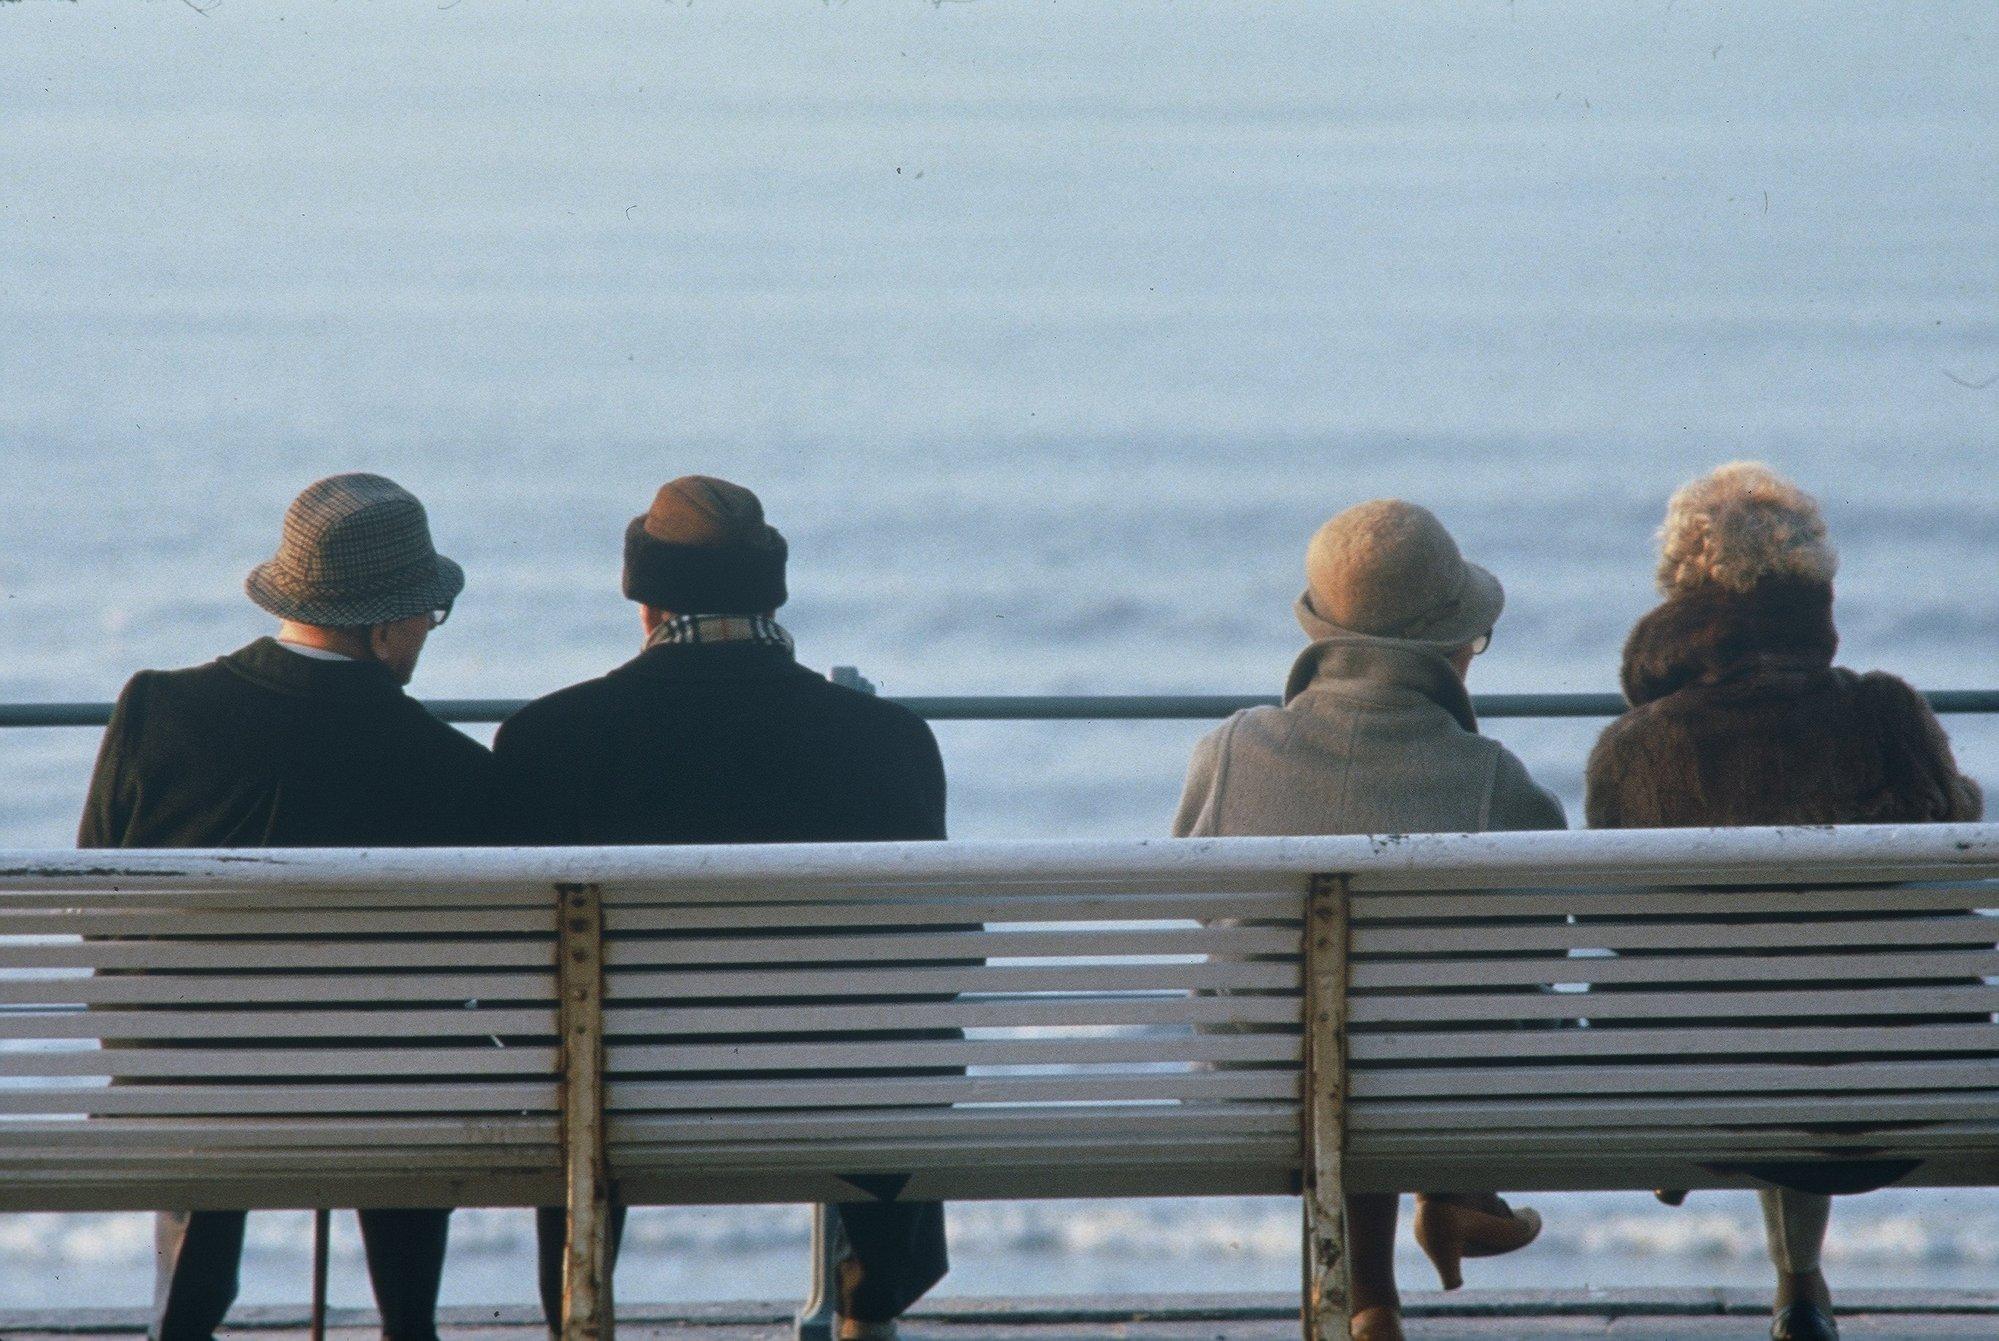 Tener 90 años puede ser una edad estupenda para aprender un idioma